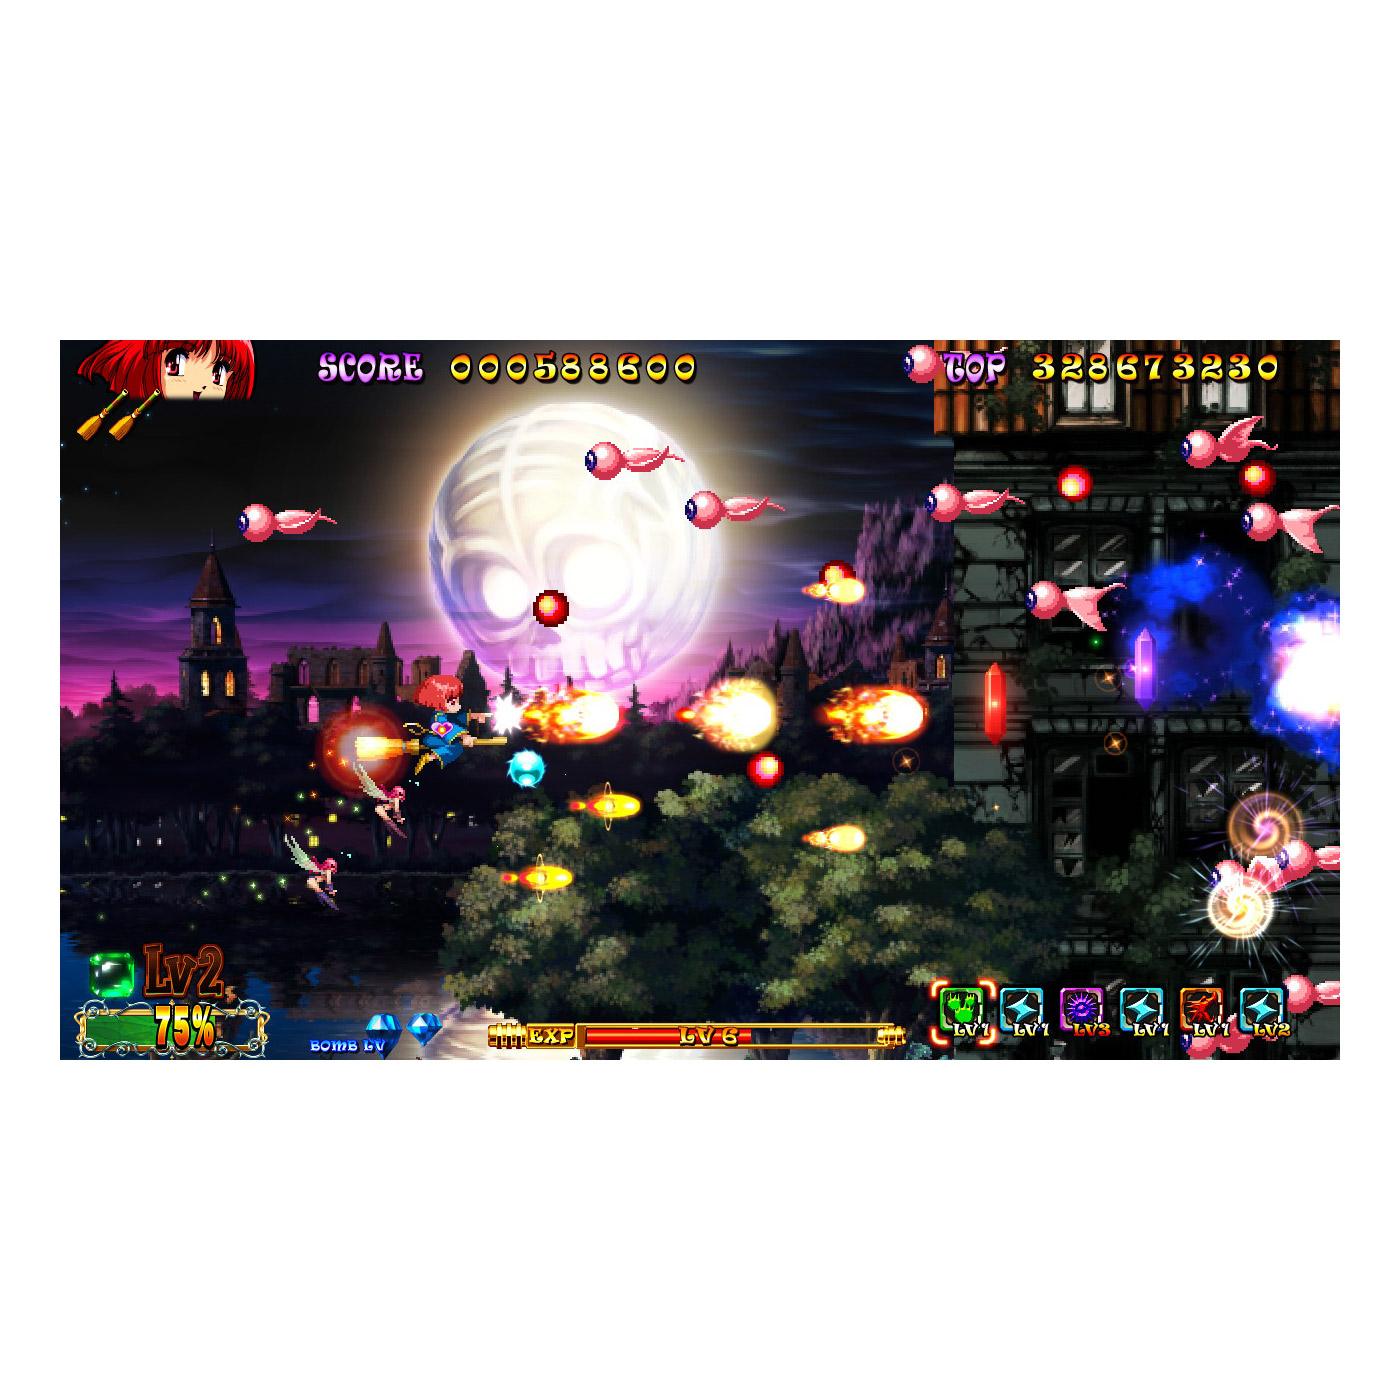 【店頭併売品】 コットン リブート! 限定版 【PS4ゲームソフト】_2